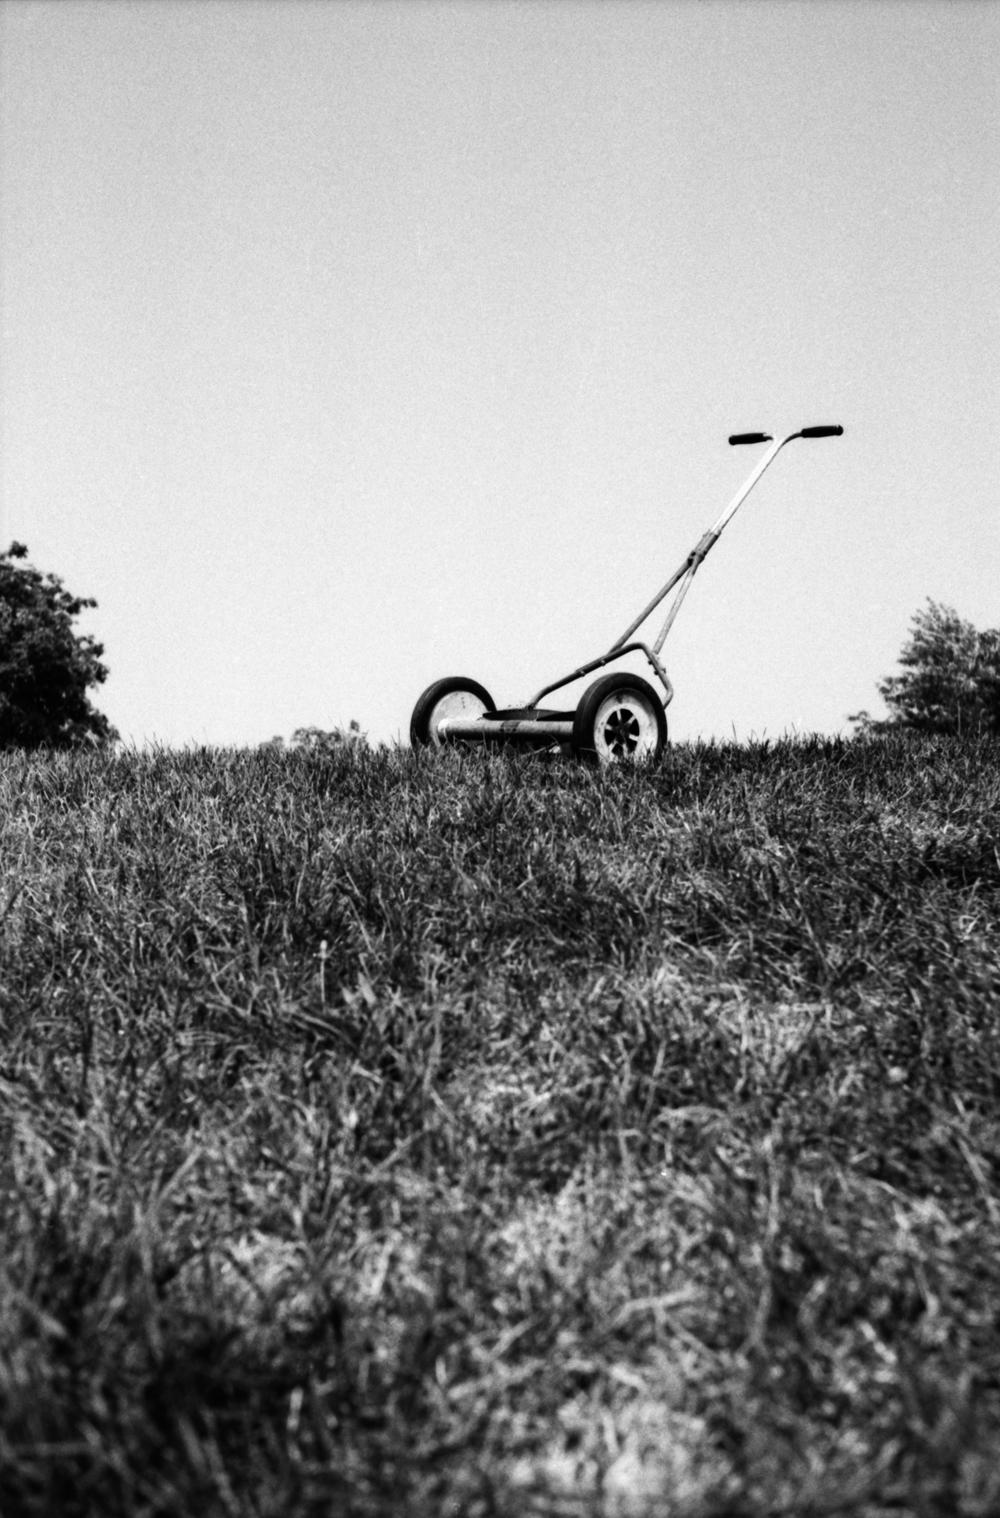 1img036_lawnmower_9.jpg